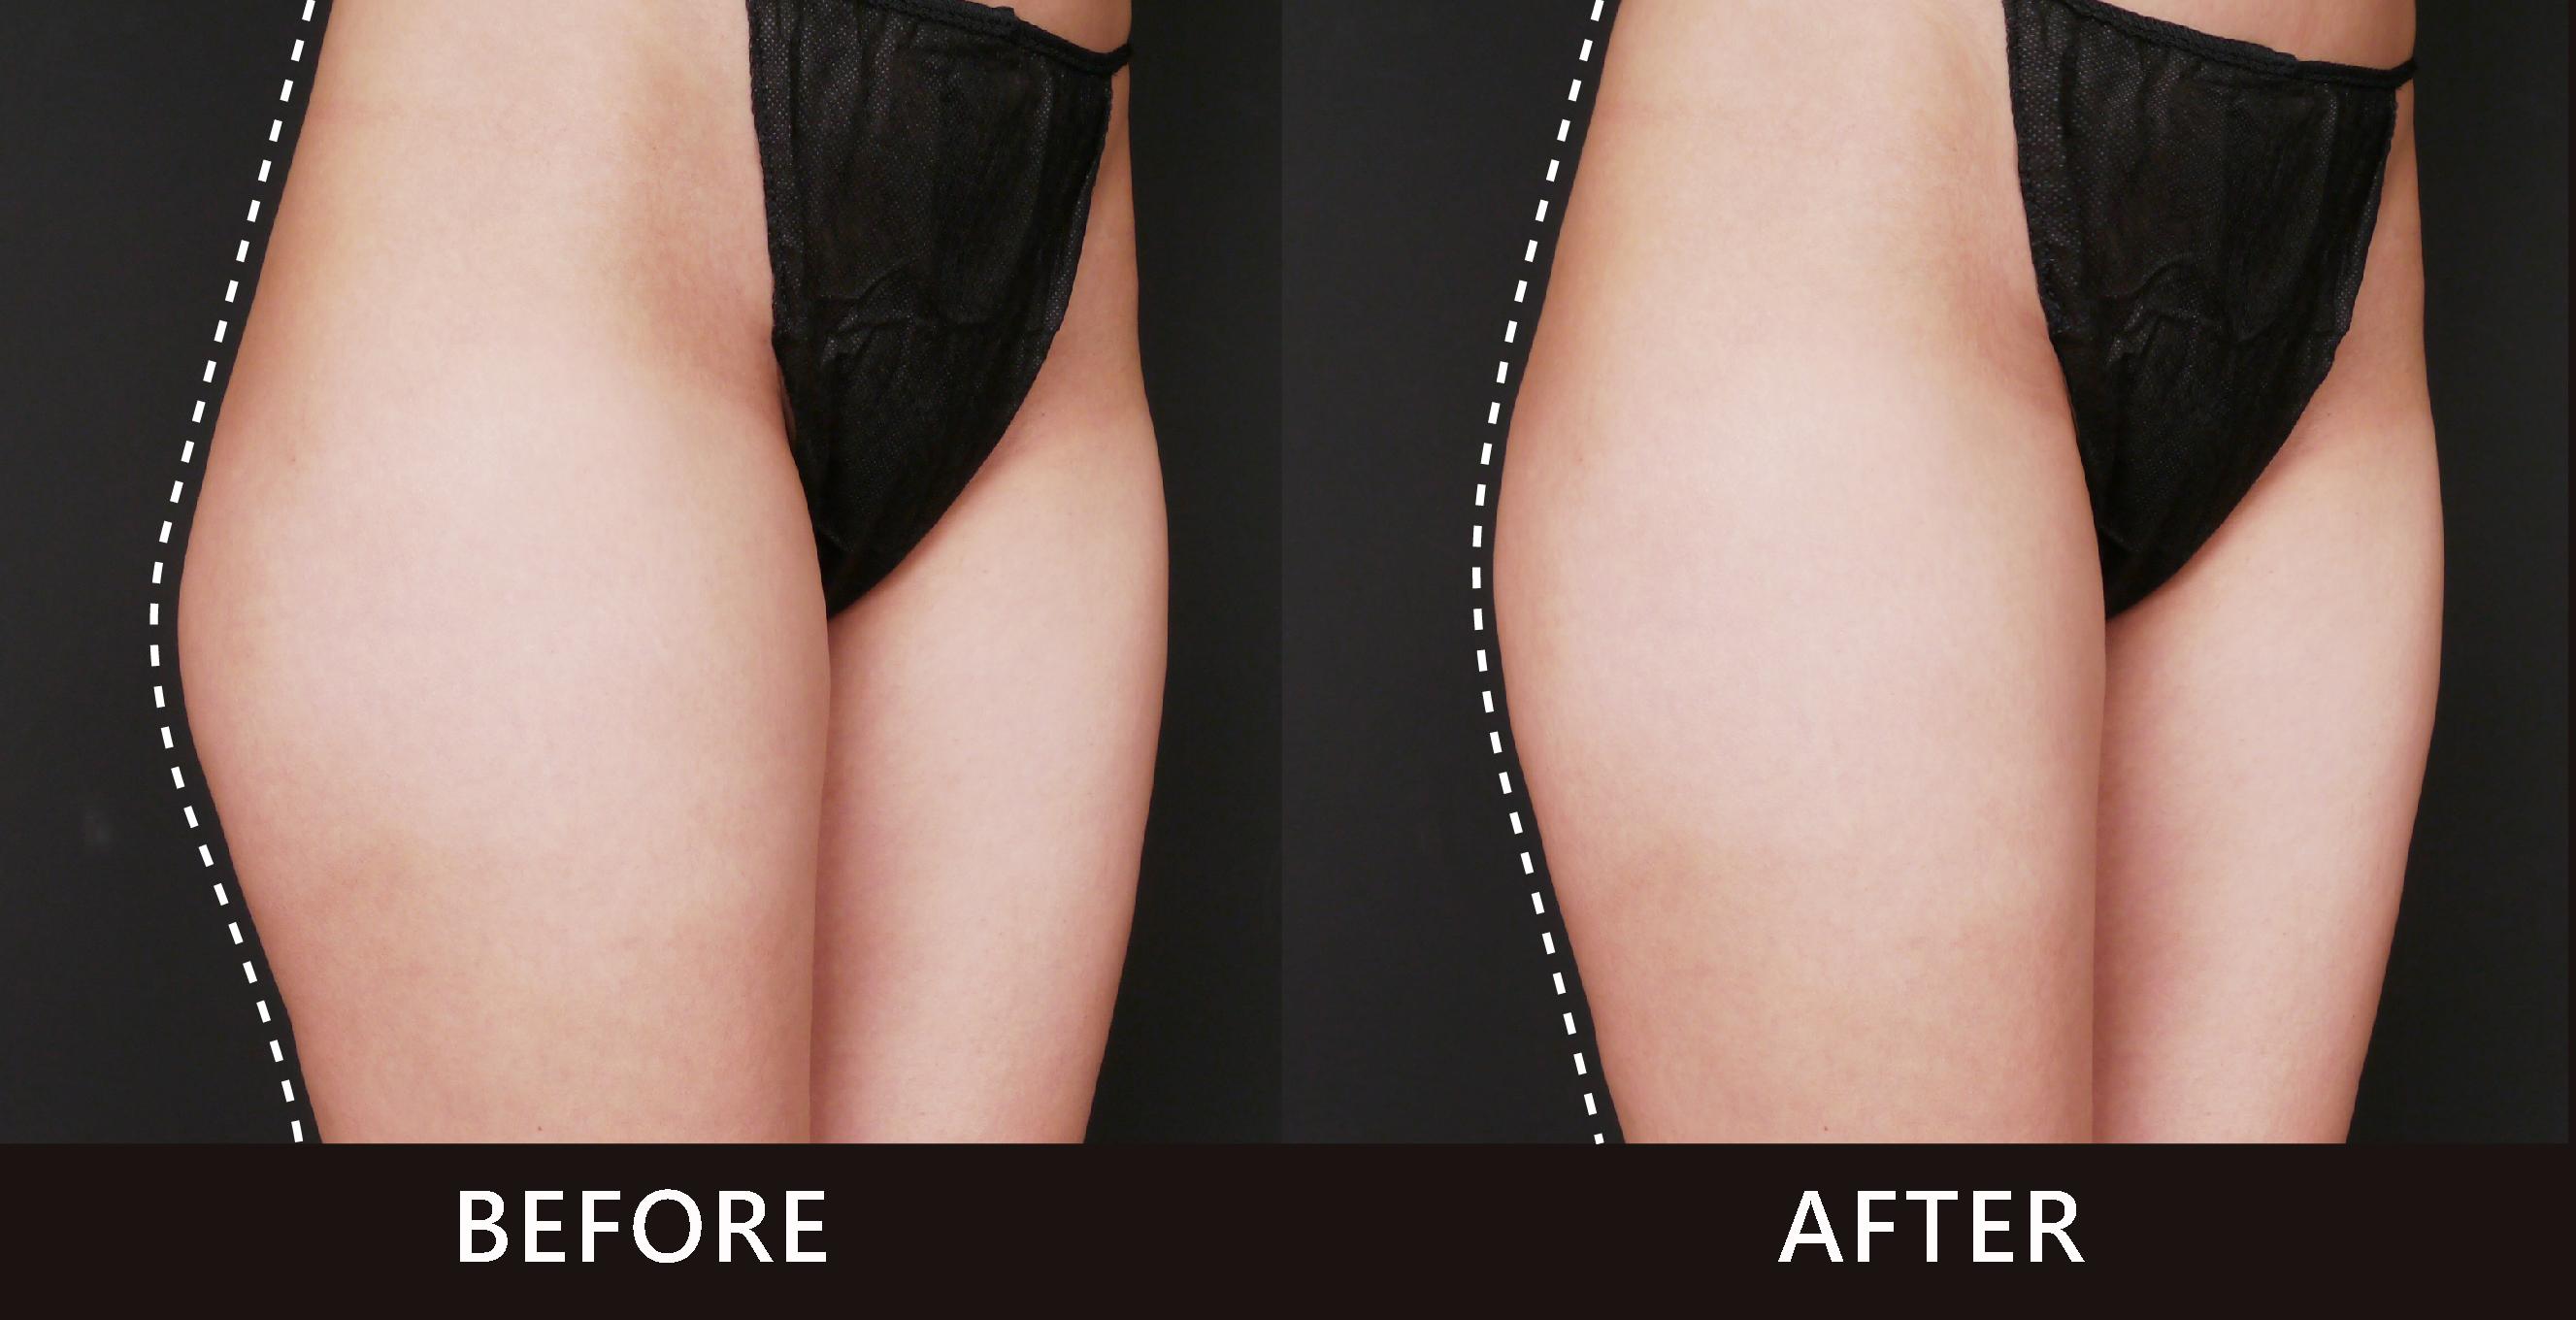 腿外側線條修飾了,不再有突兀的贅肉。(效果因個案而異)